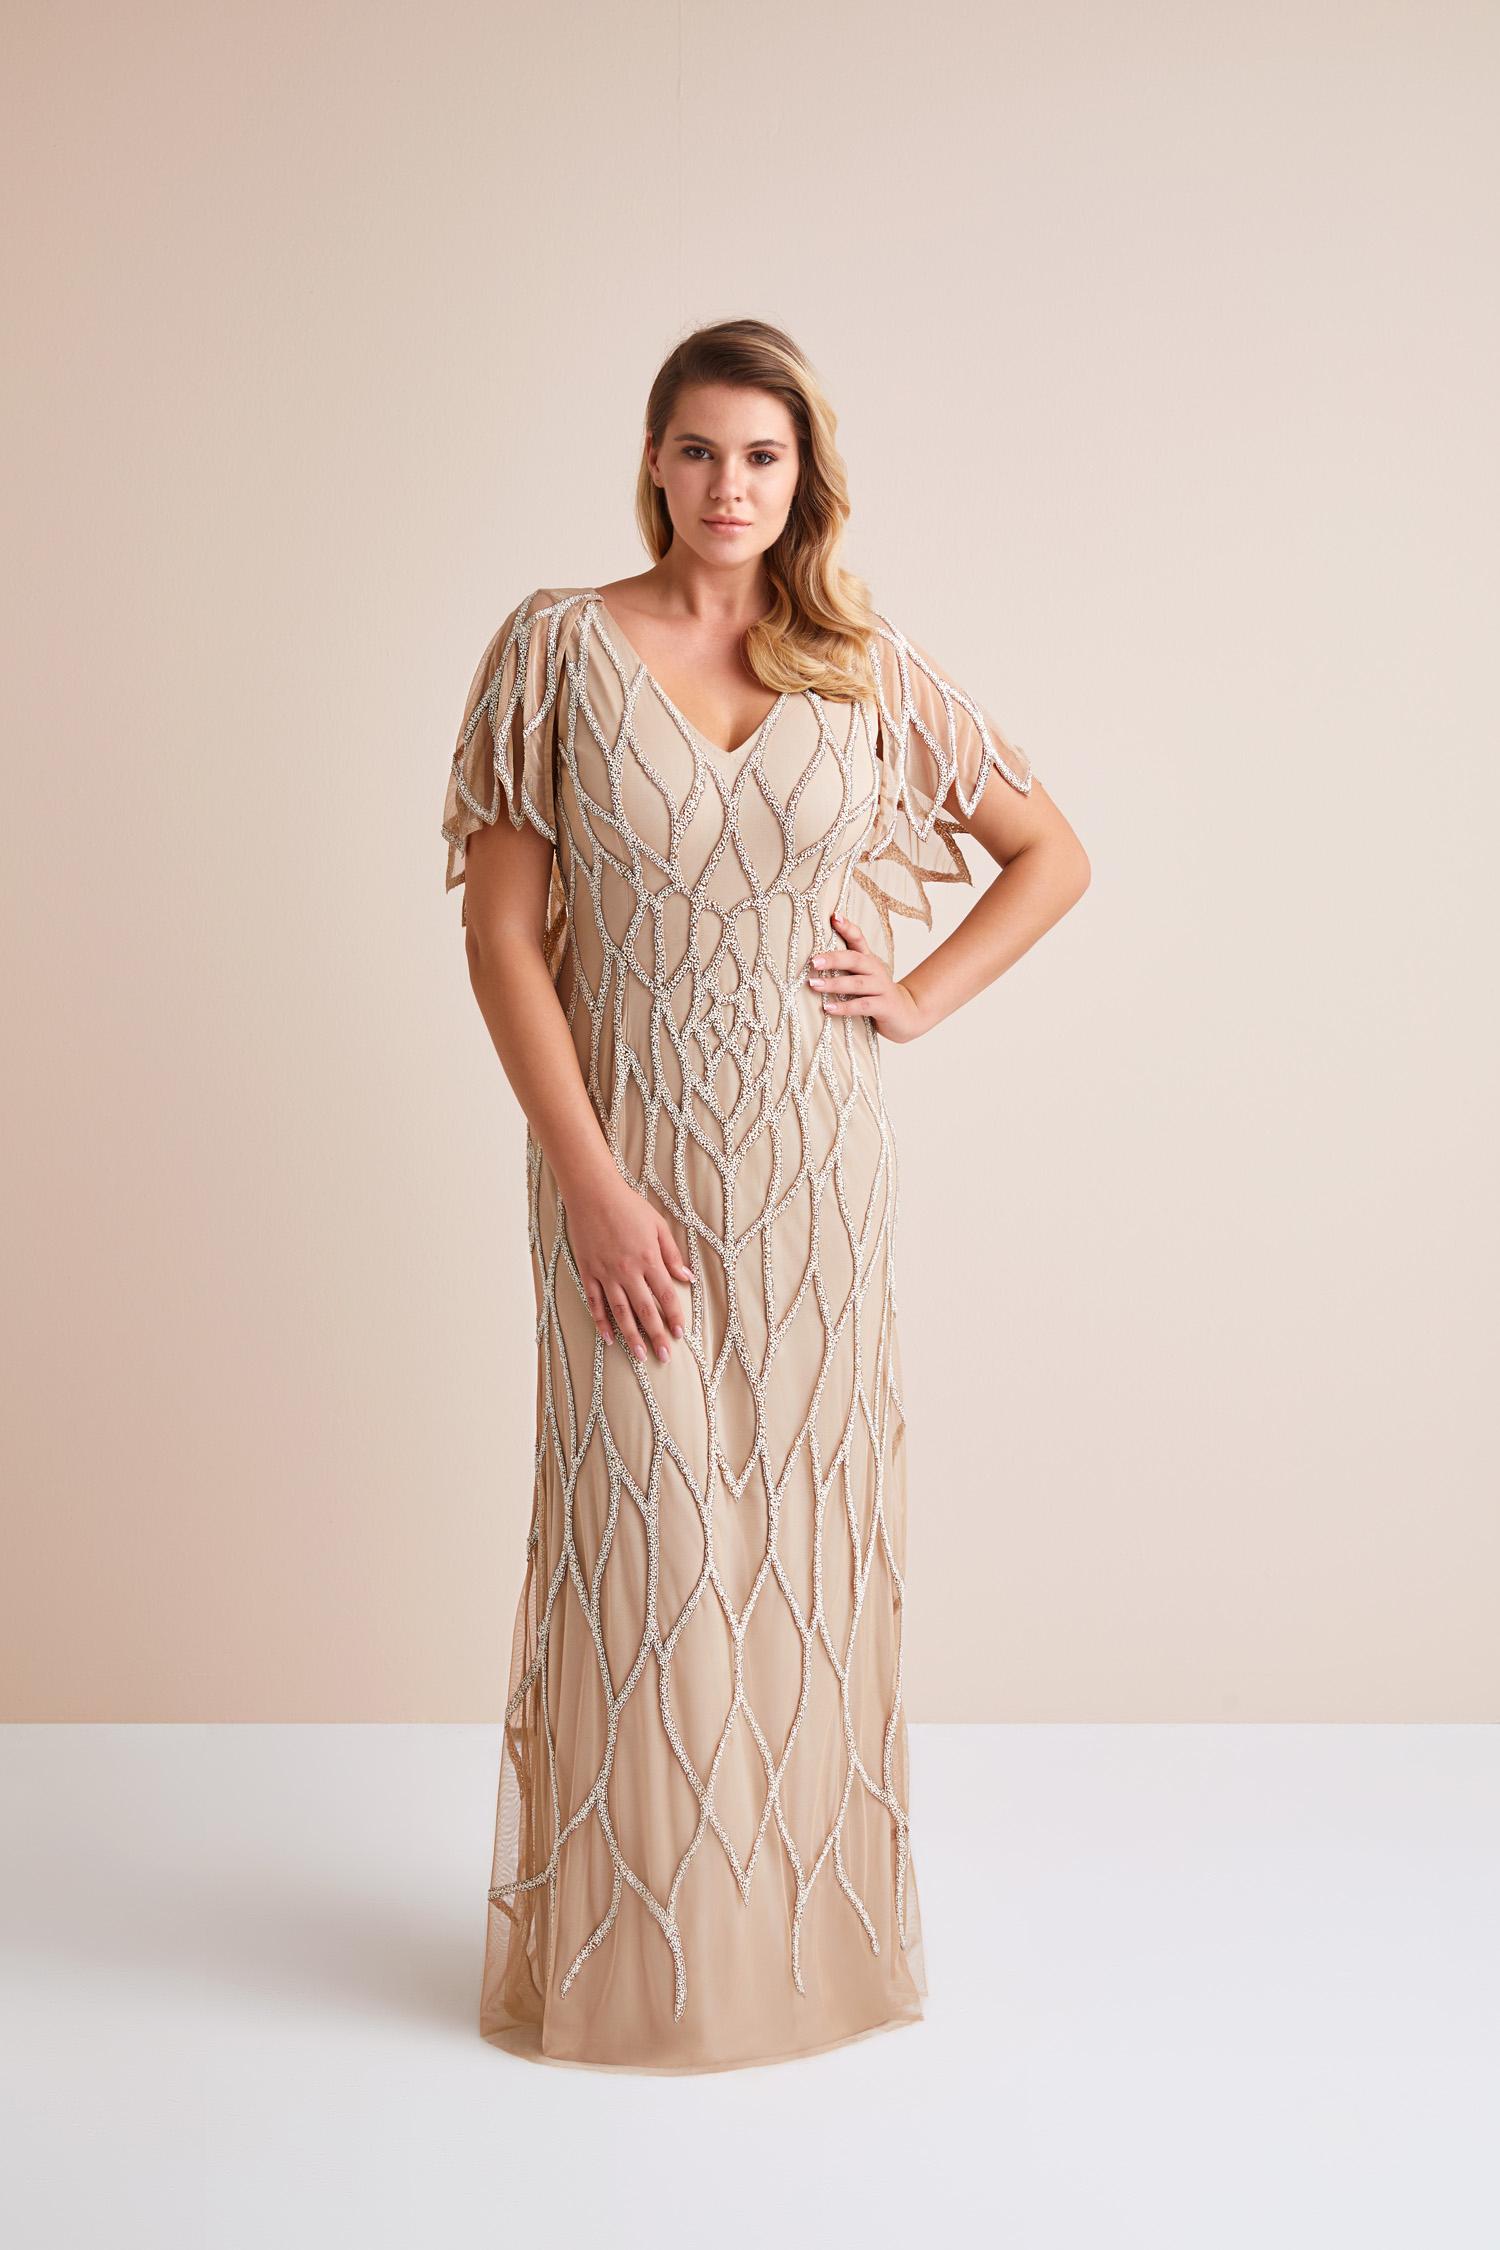 Kısa Kollu Payet İşlemeli Cappucino Rengi Uzun Büyük Beden Abiye Elbise - Thumbnail